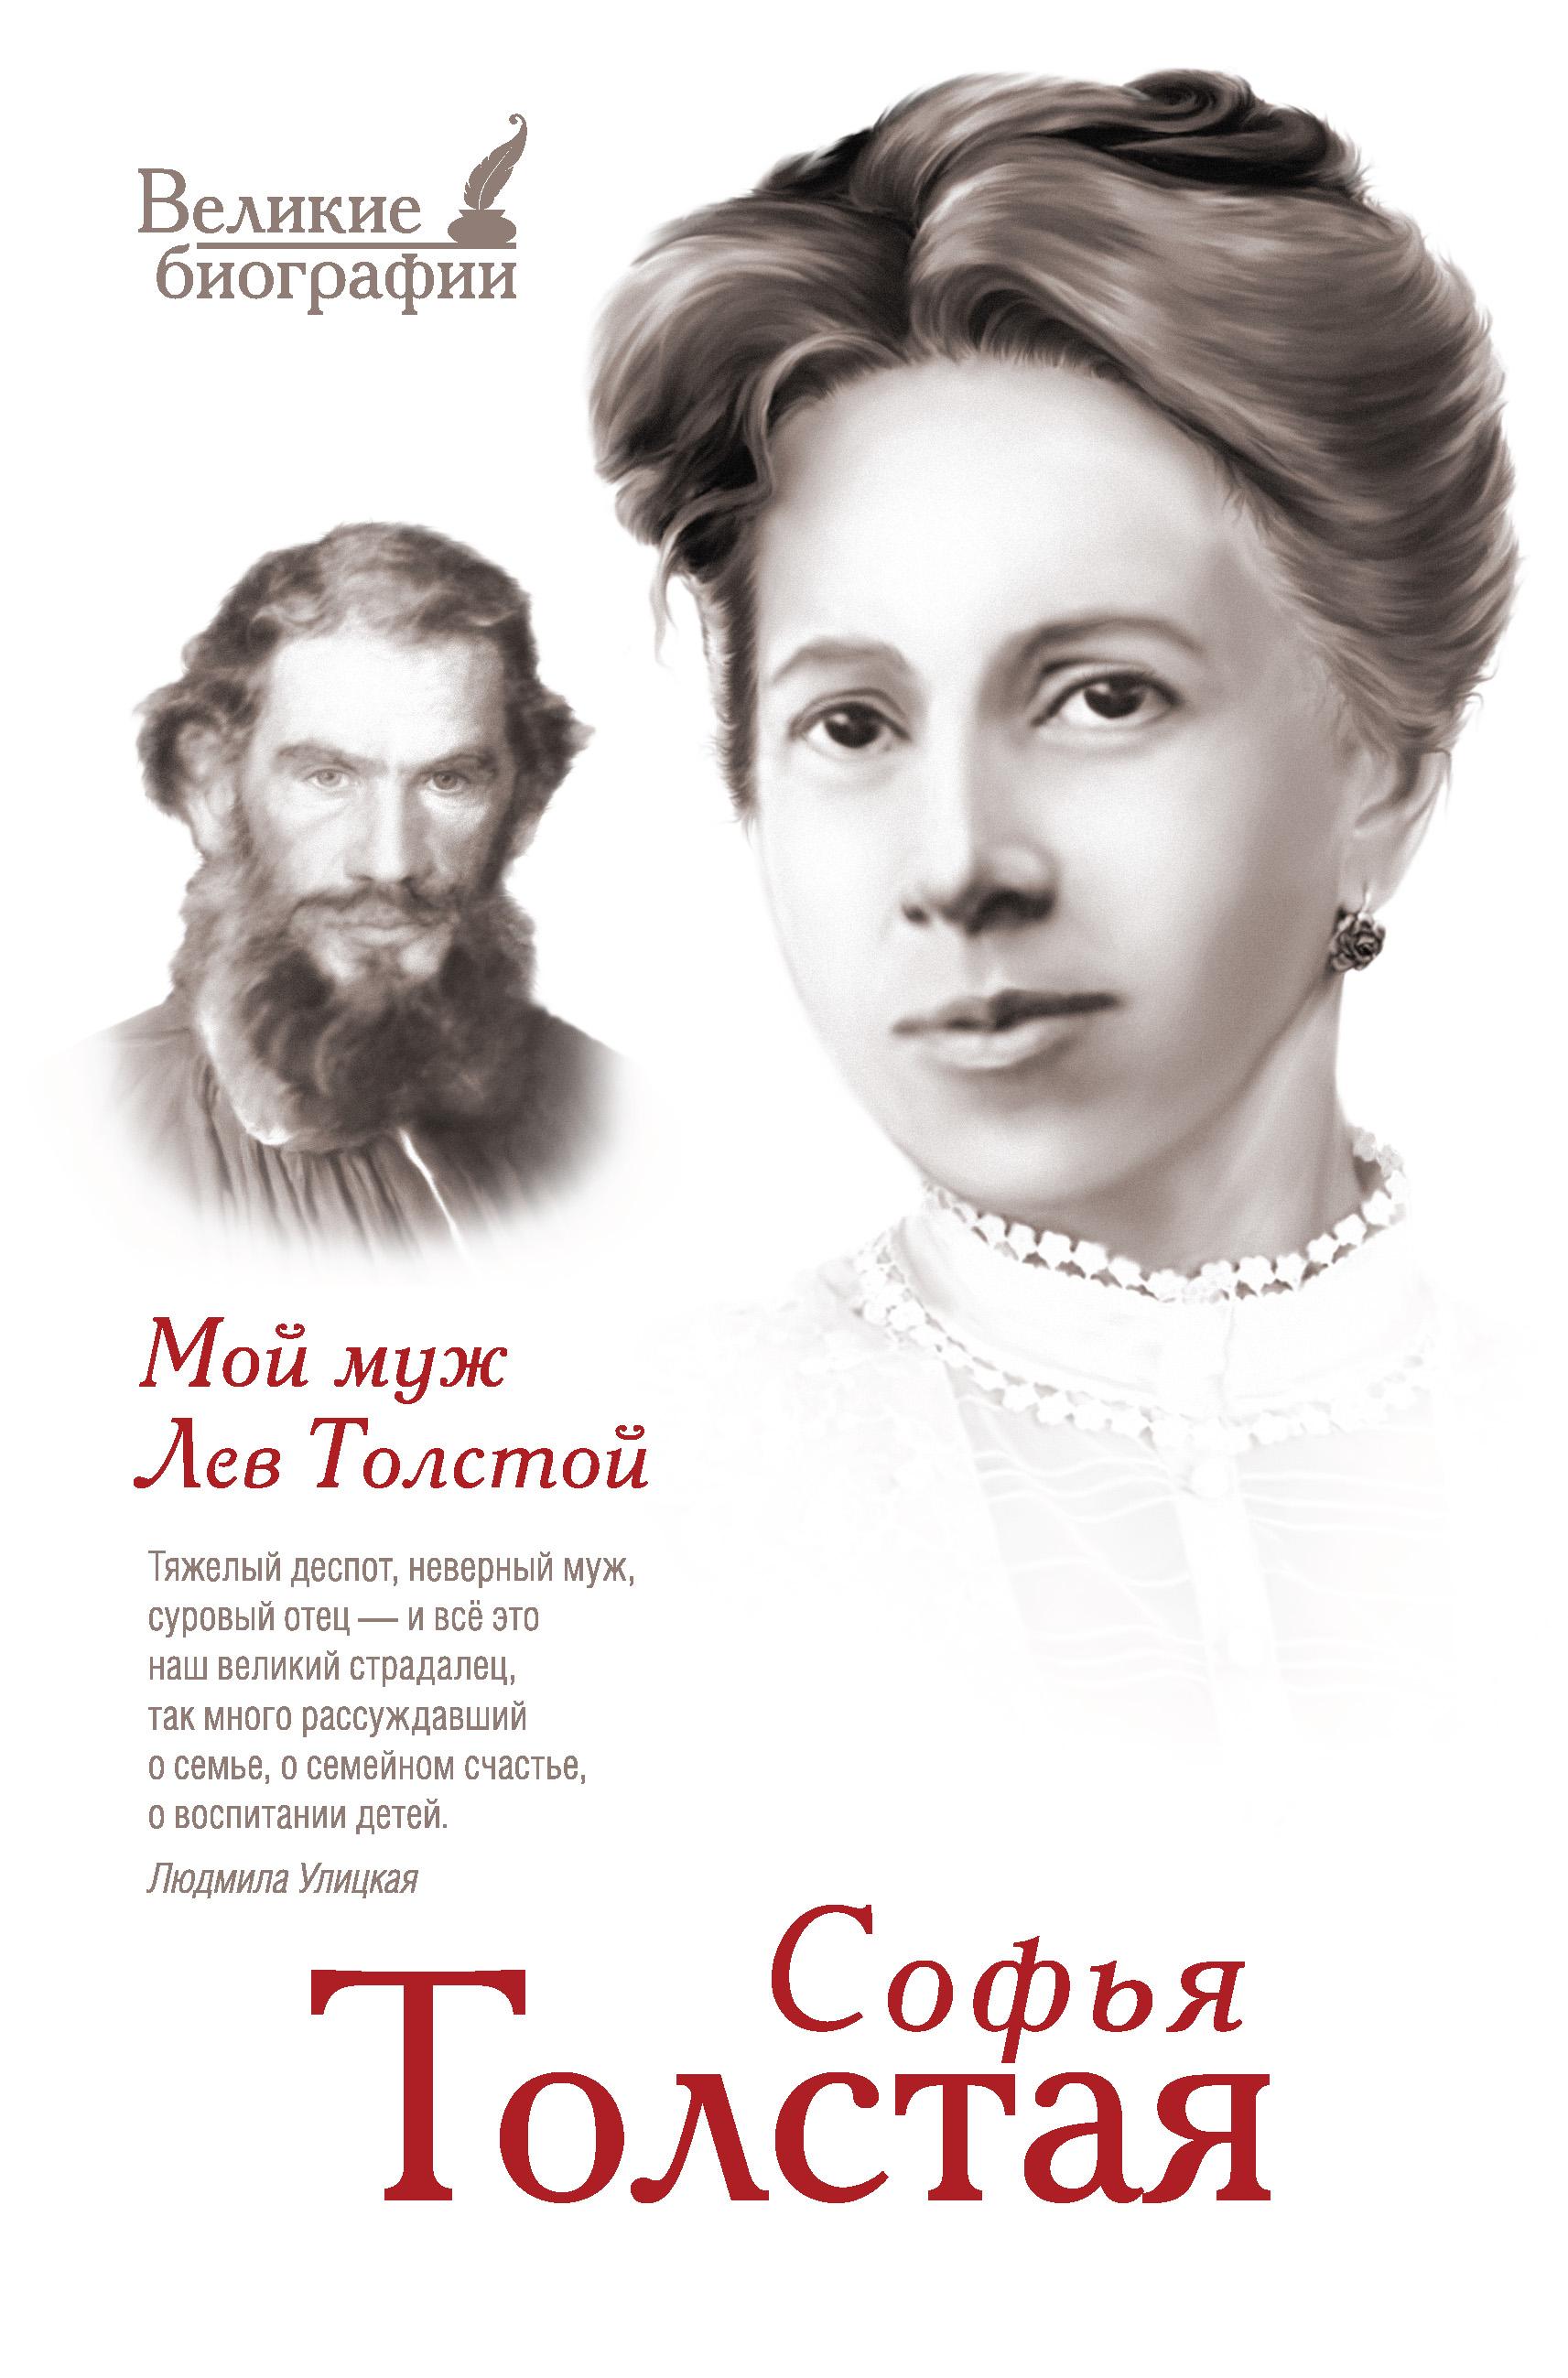 Фото - Софья Толстая Мой муж Лев Толстой алиса берг личная жизнь моего мужа